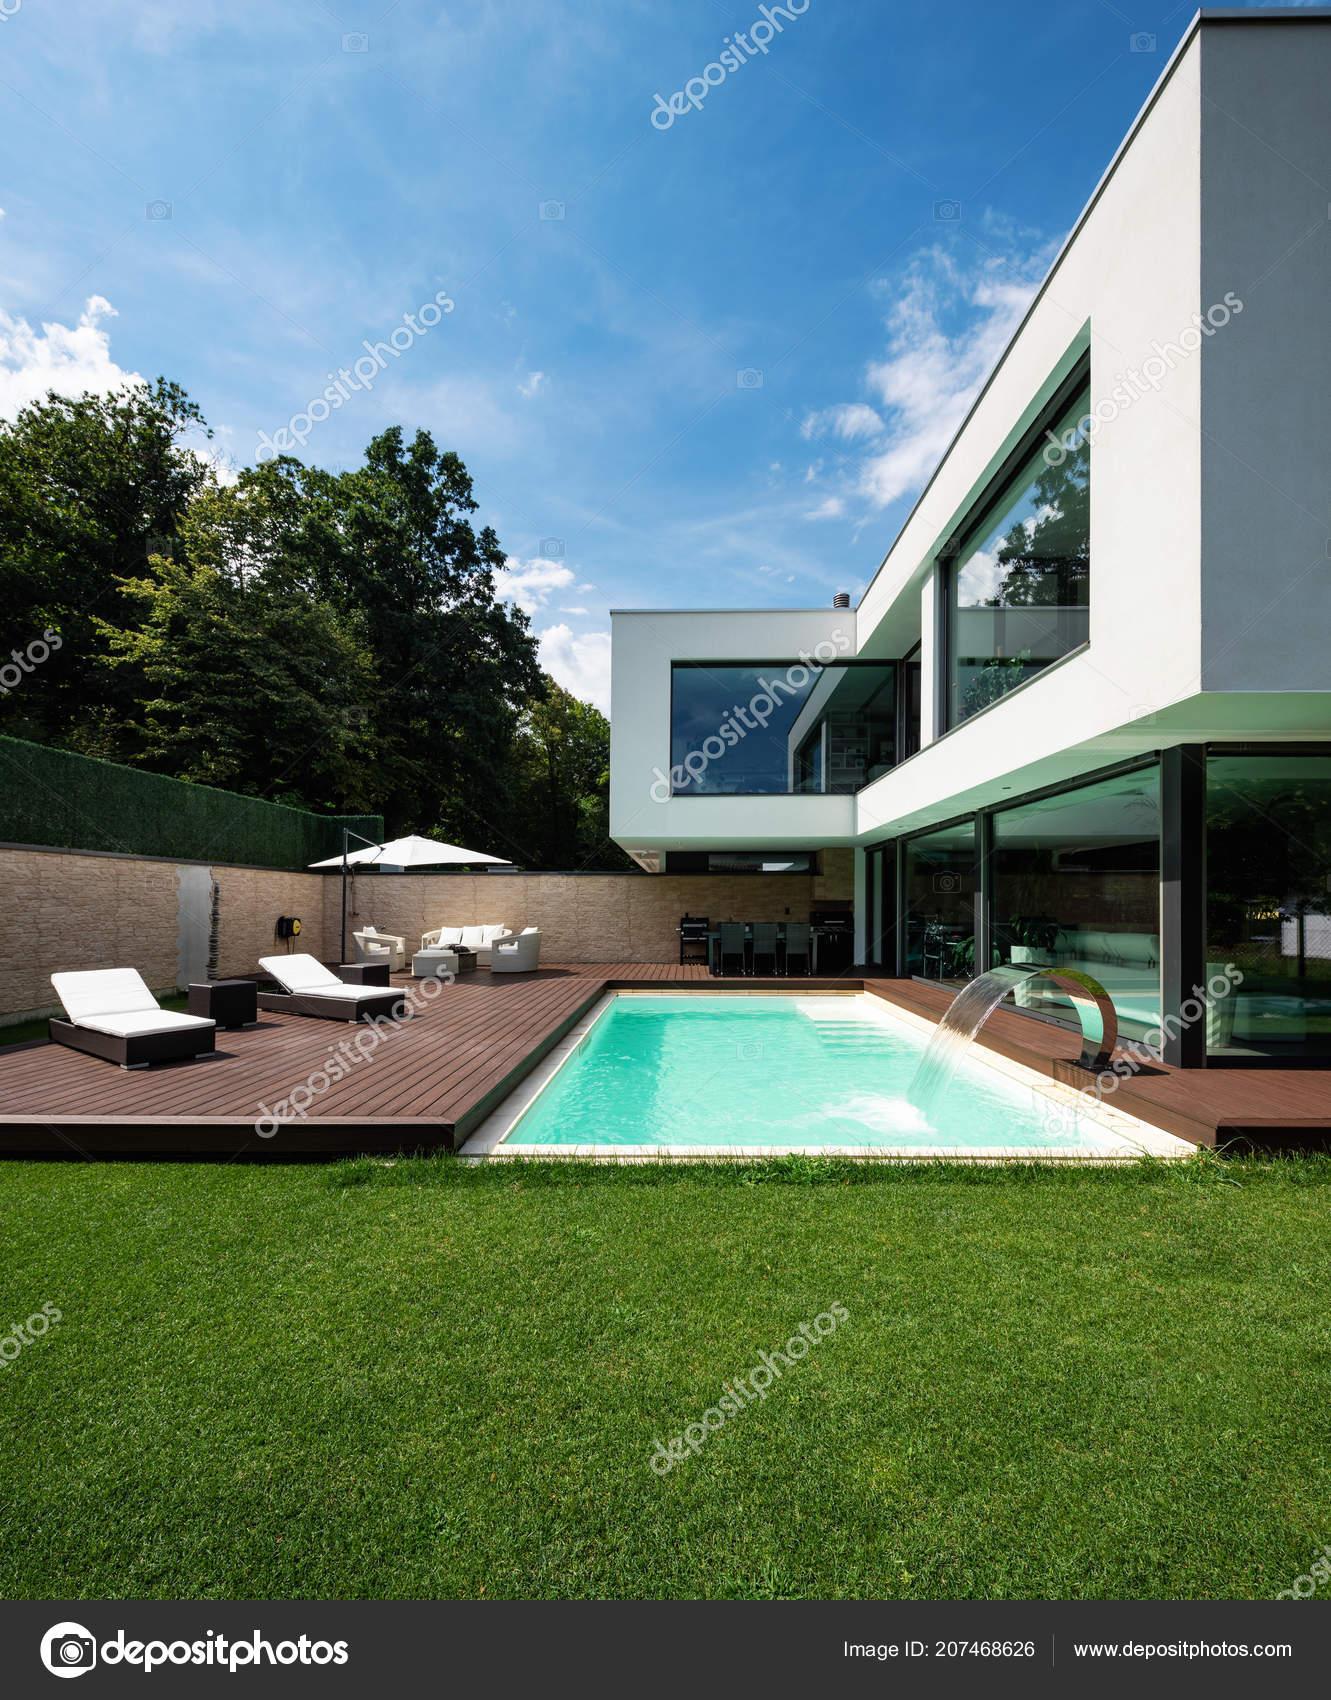 Äußere Moderne Weiße Villa Mit Pool Und Garten Niemand Inneren U2014 Stockfoto